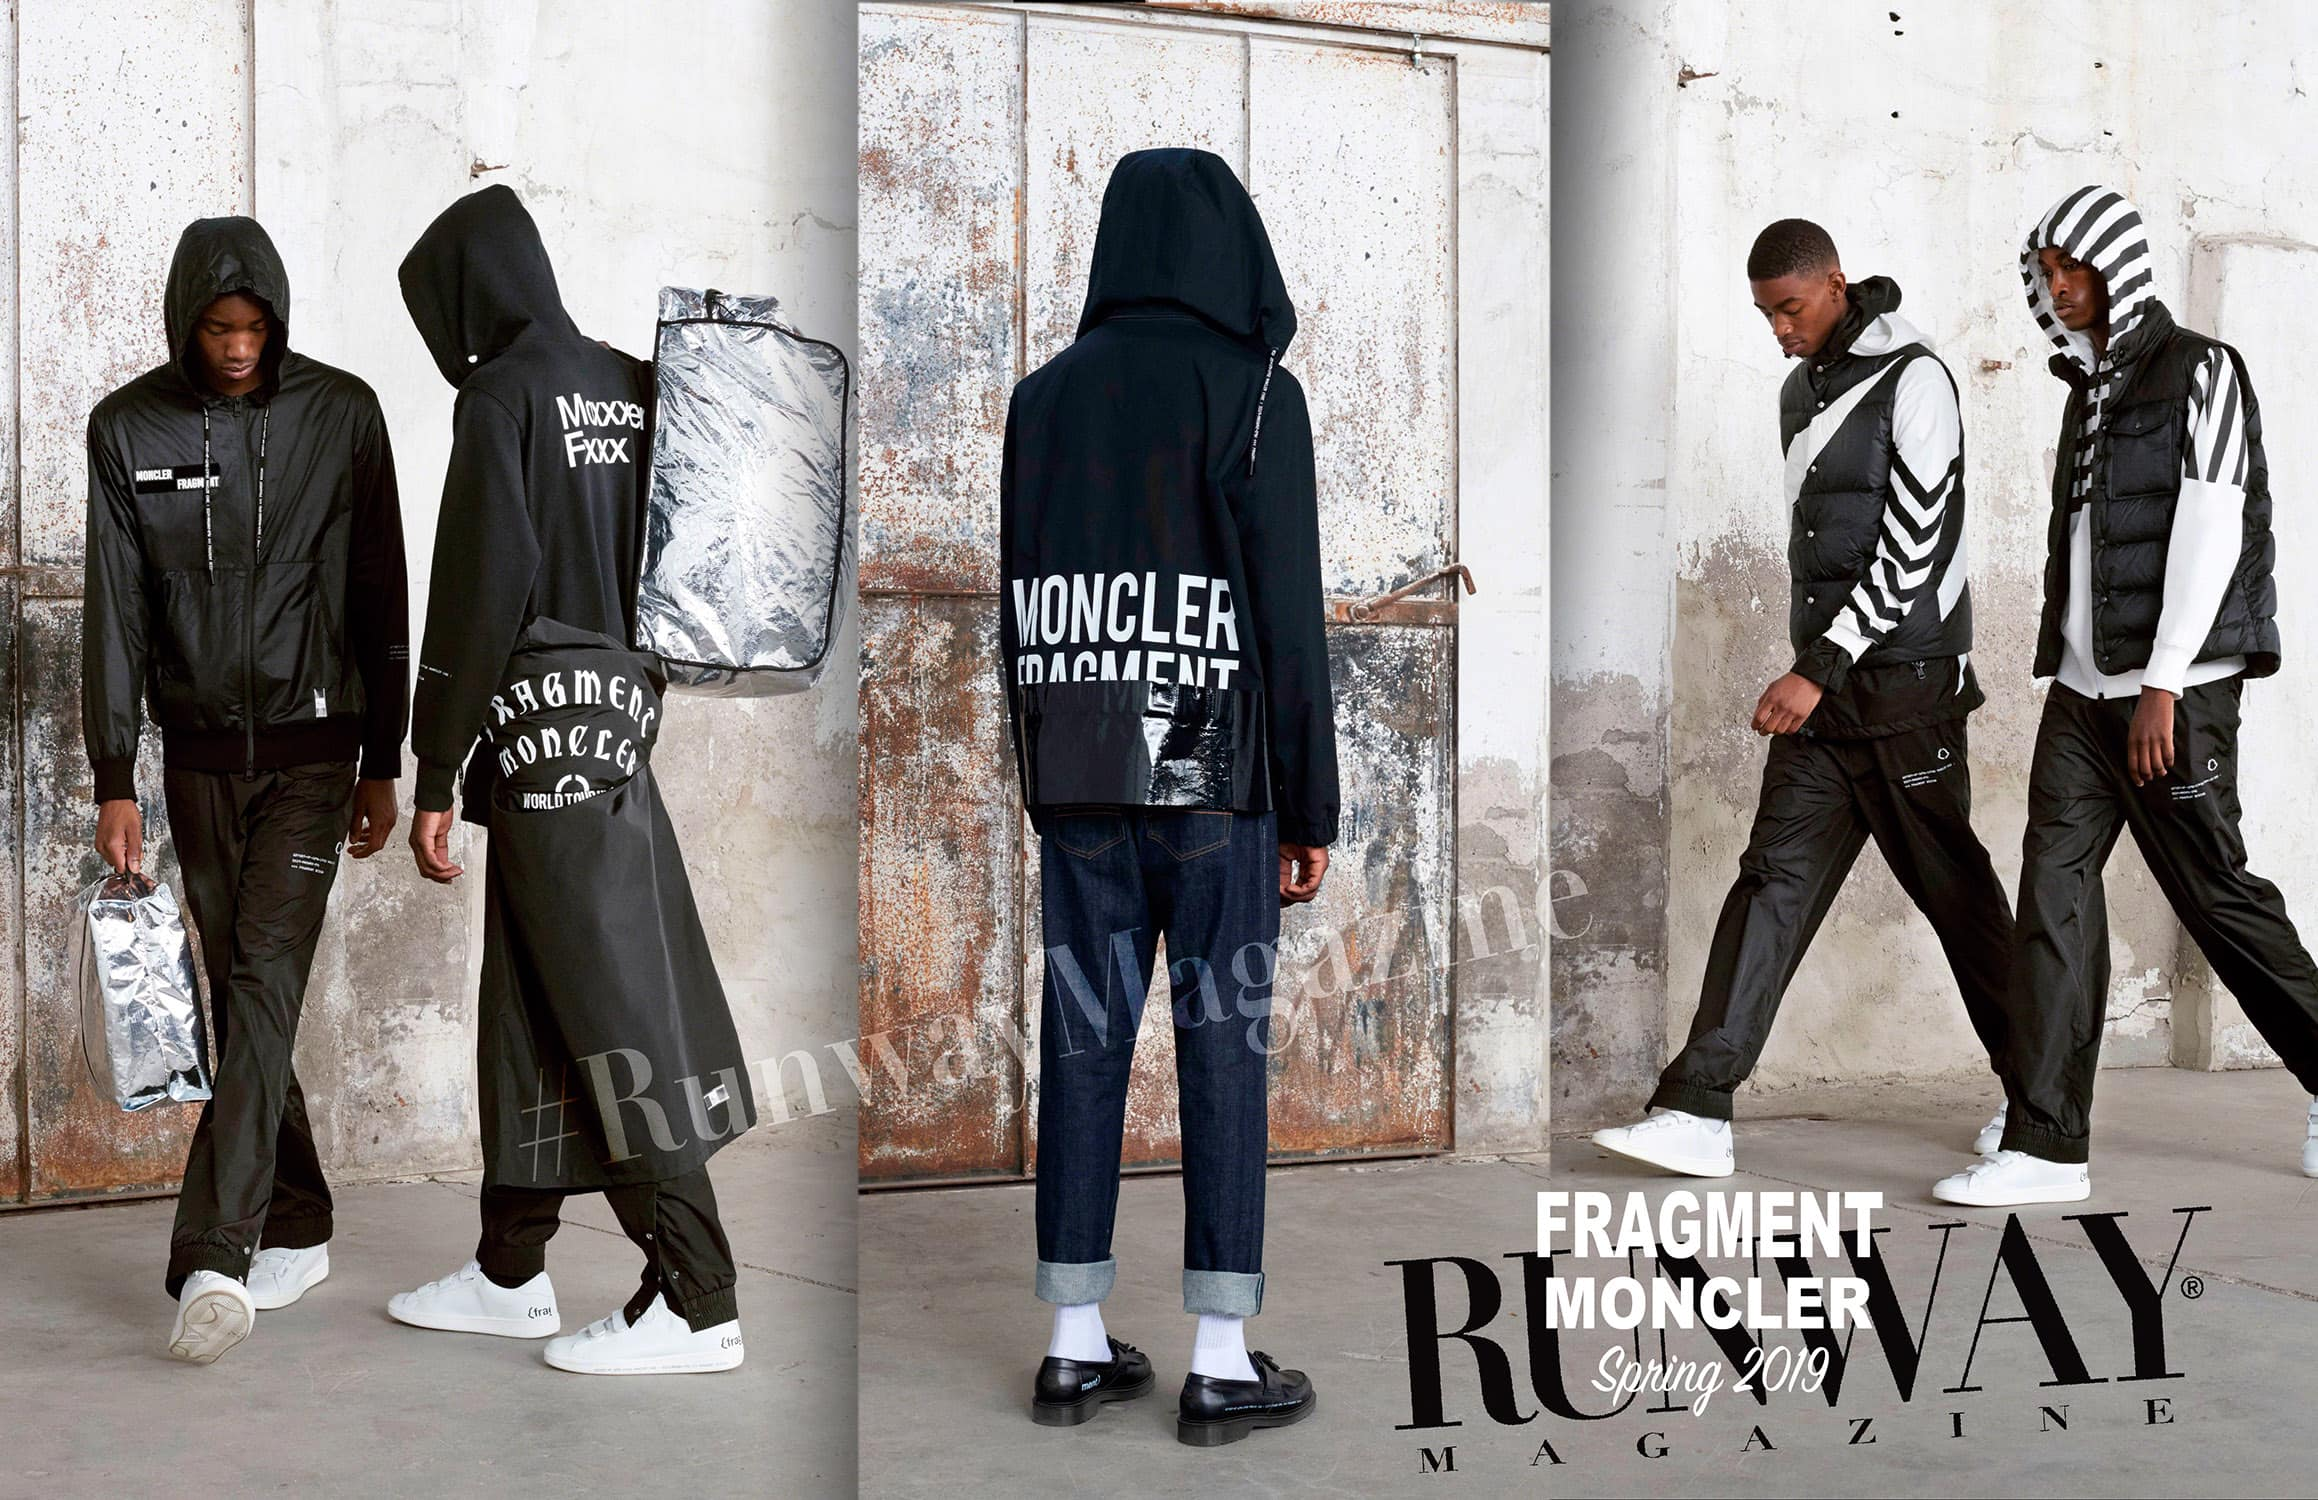 Moncler -Fragment- Spring Summer 2019 Milan by RUNWAY MAGAZINE